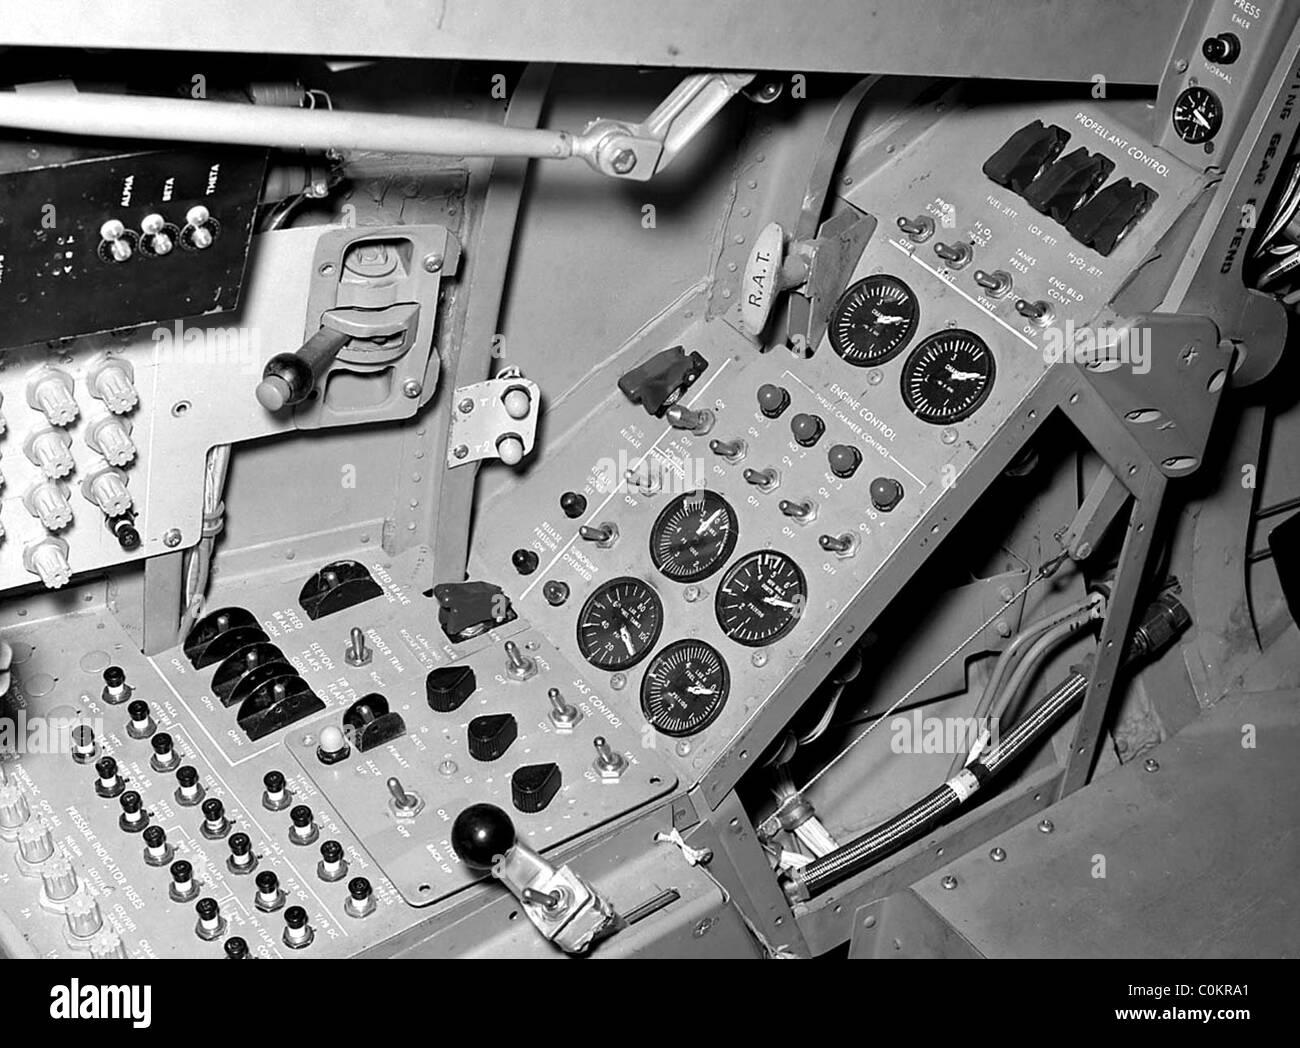 Northrop HL-10 corpo di sollevamento cabina Immagini Stock